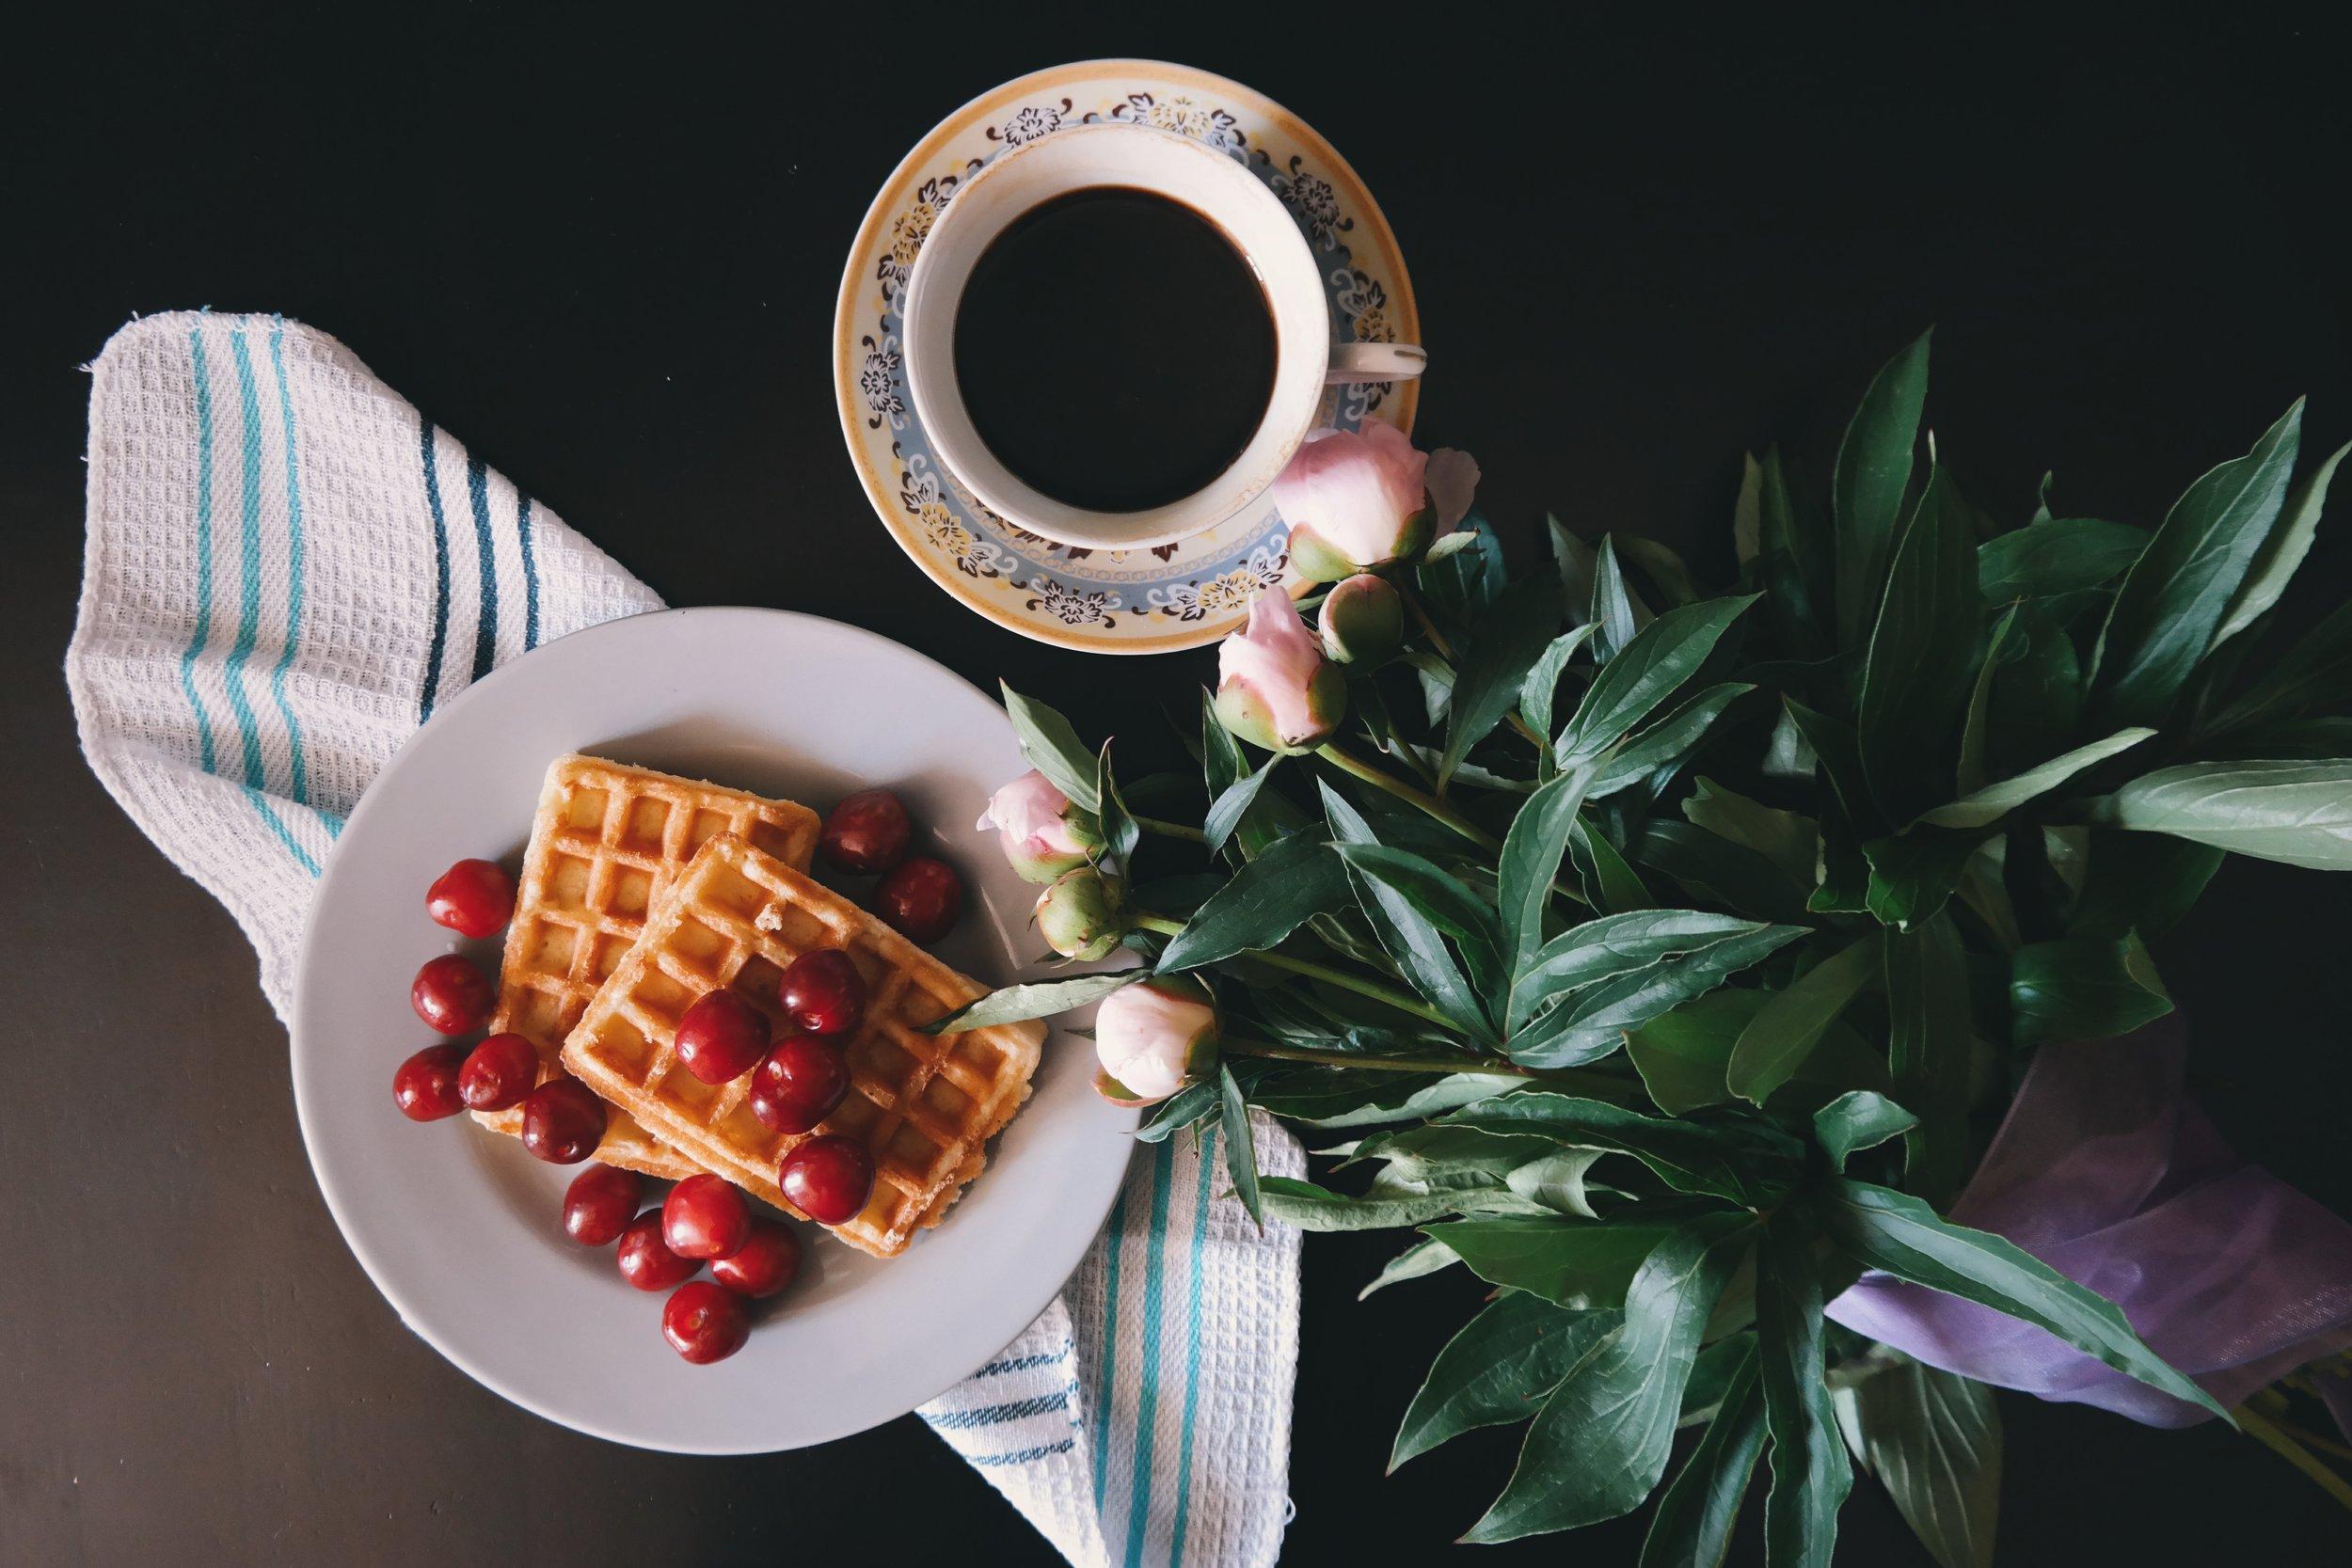 breakfast-cherries-coffee-131044.jpg